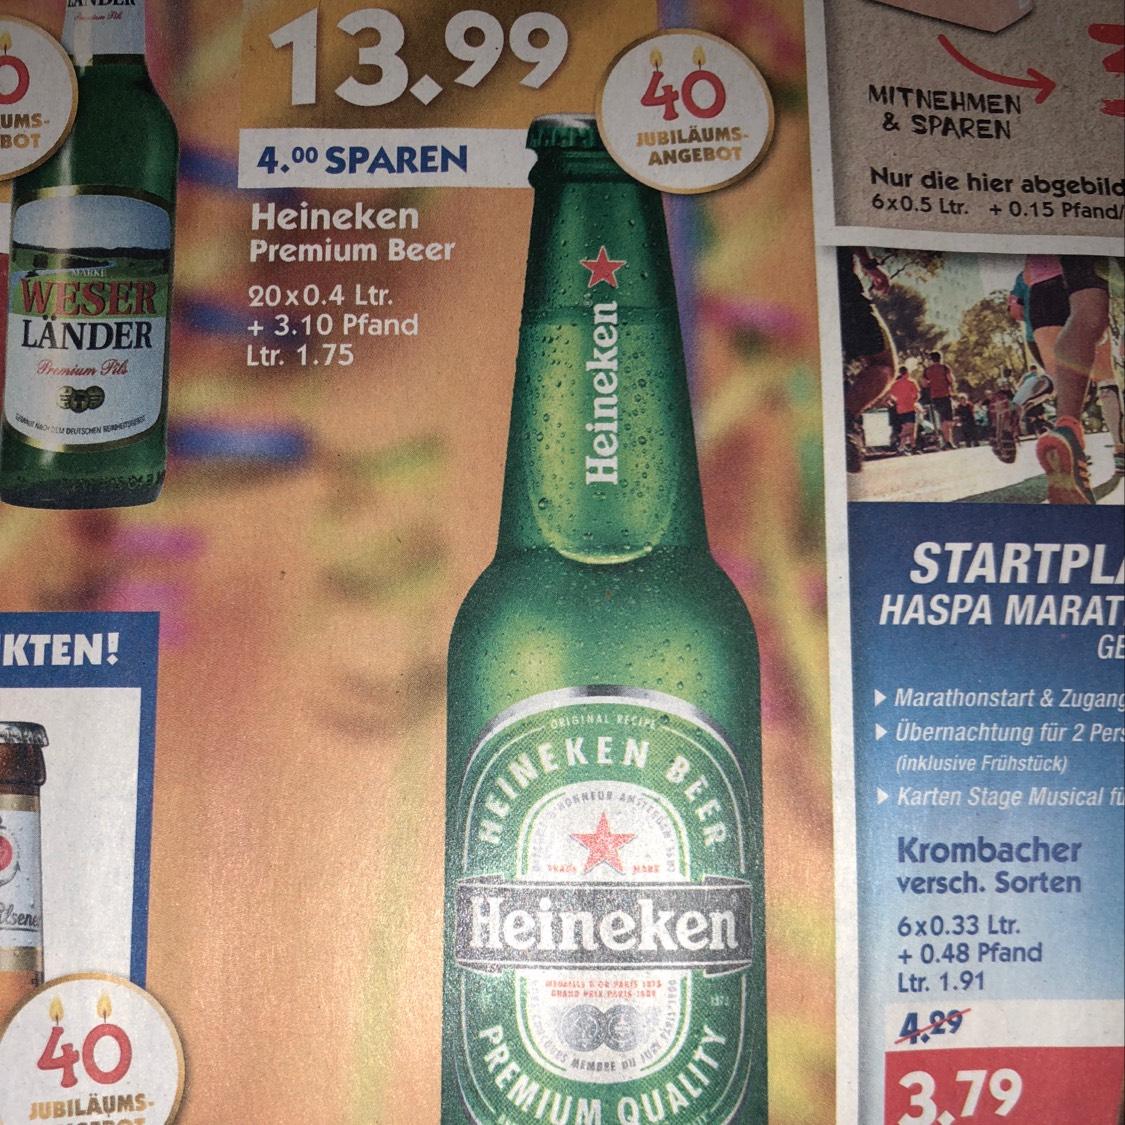 [Hol' Ab] Kiste Heineken 20x0,4 Liter für 13,99€ + 3,10 Pfand